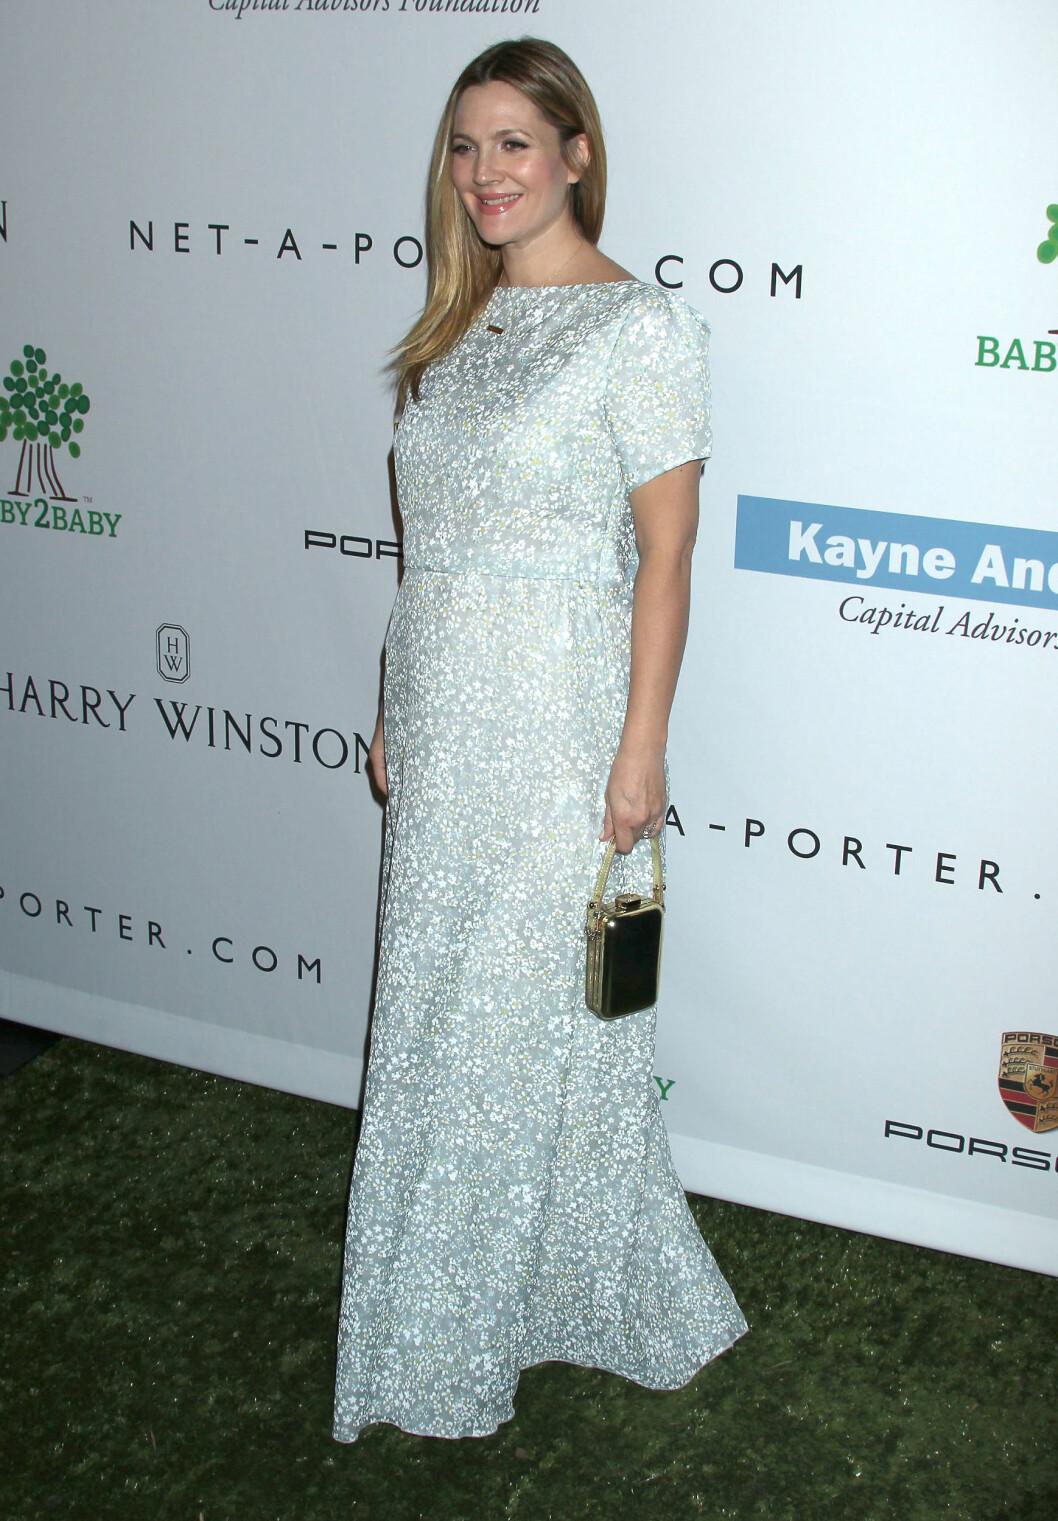 STOLT OG GRAVID: Drew Barrymore gleder seg til å bli mamma for andre gang.  Foto: All Over Press